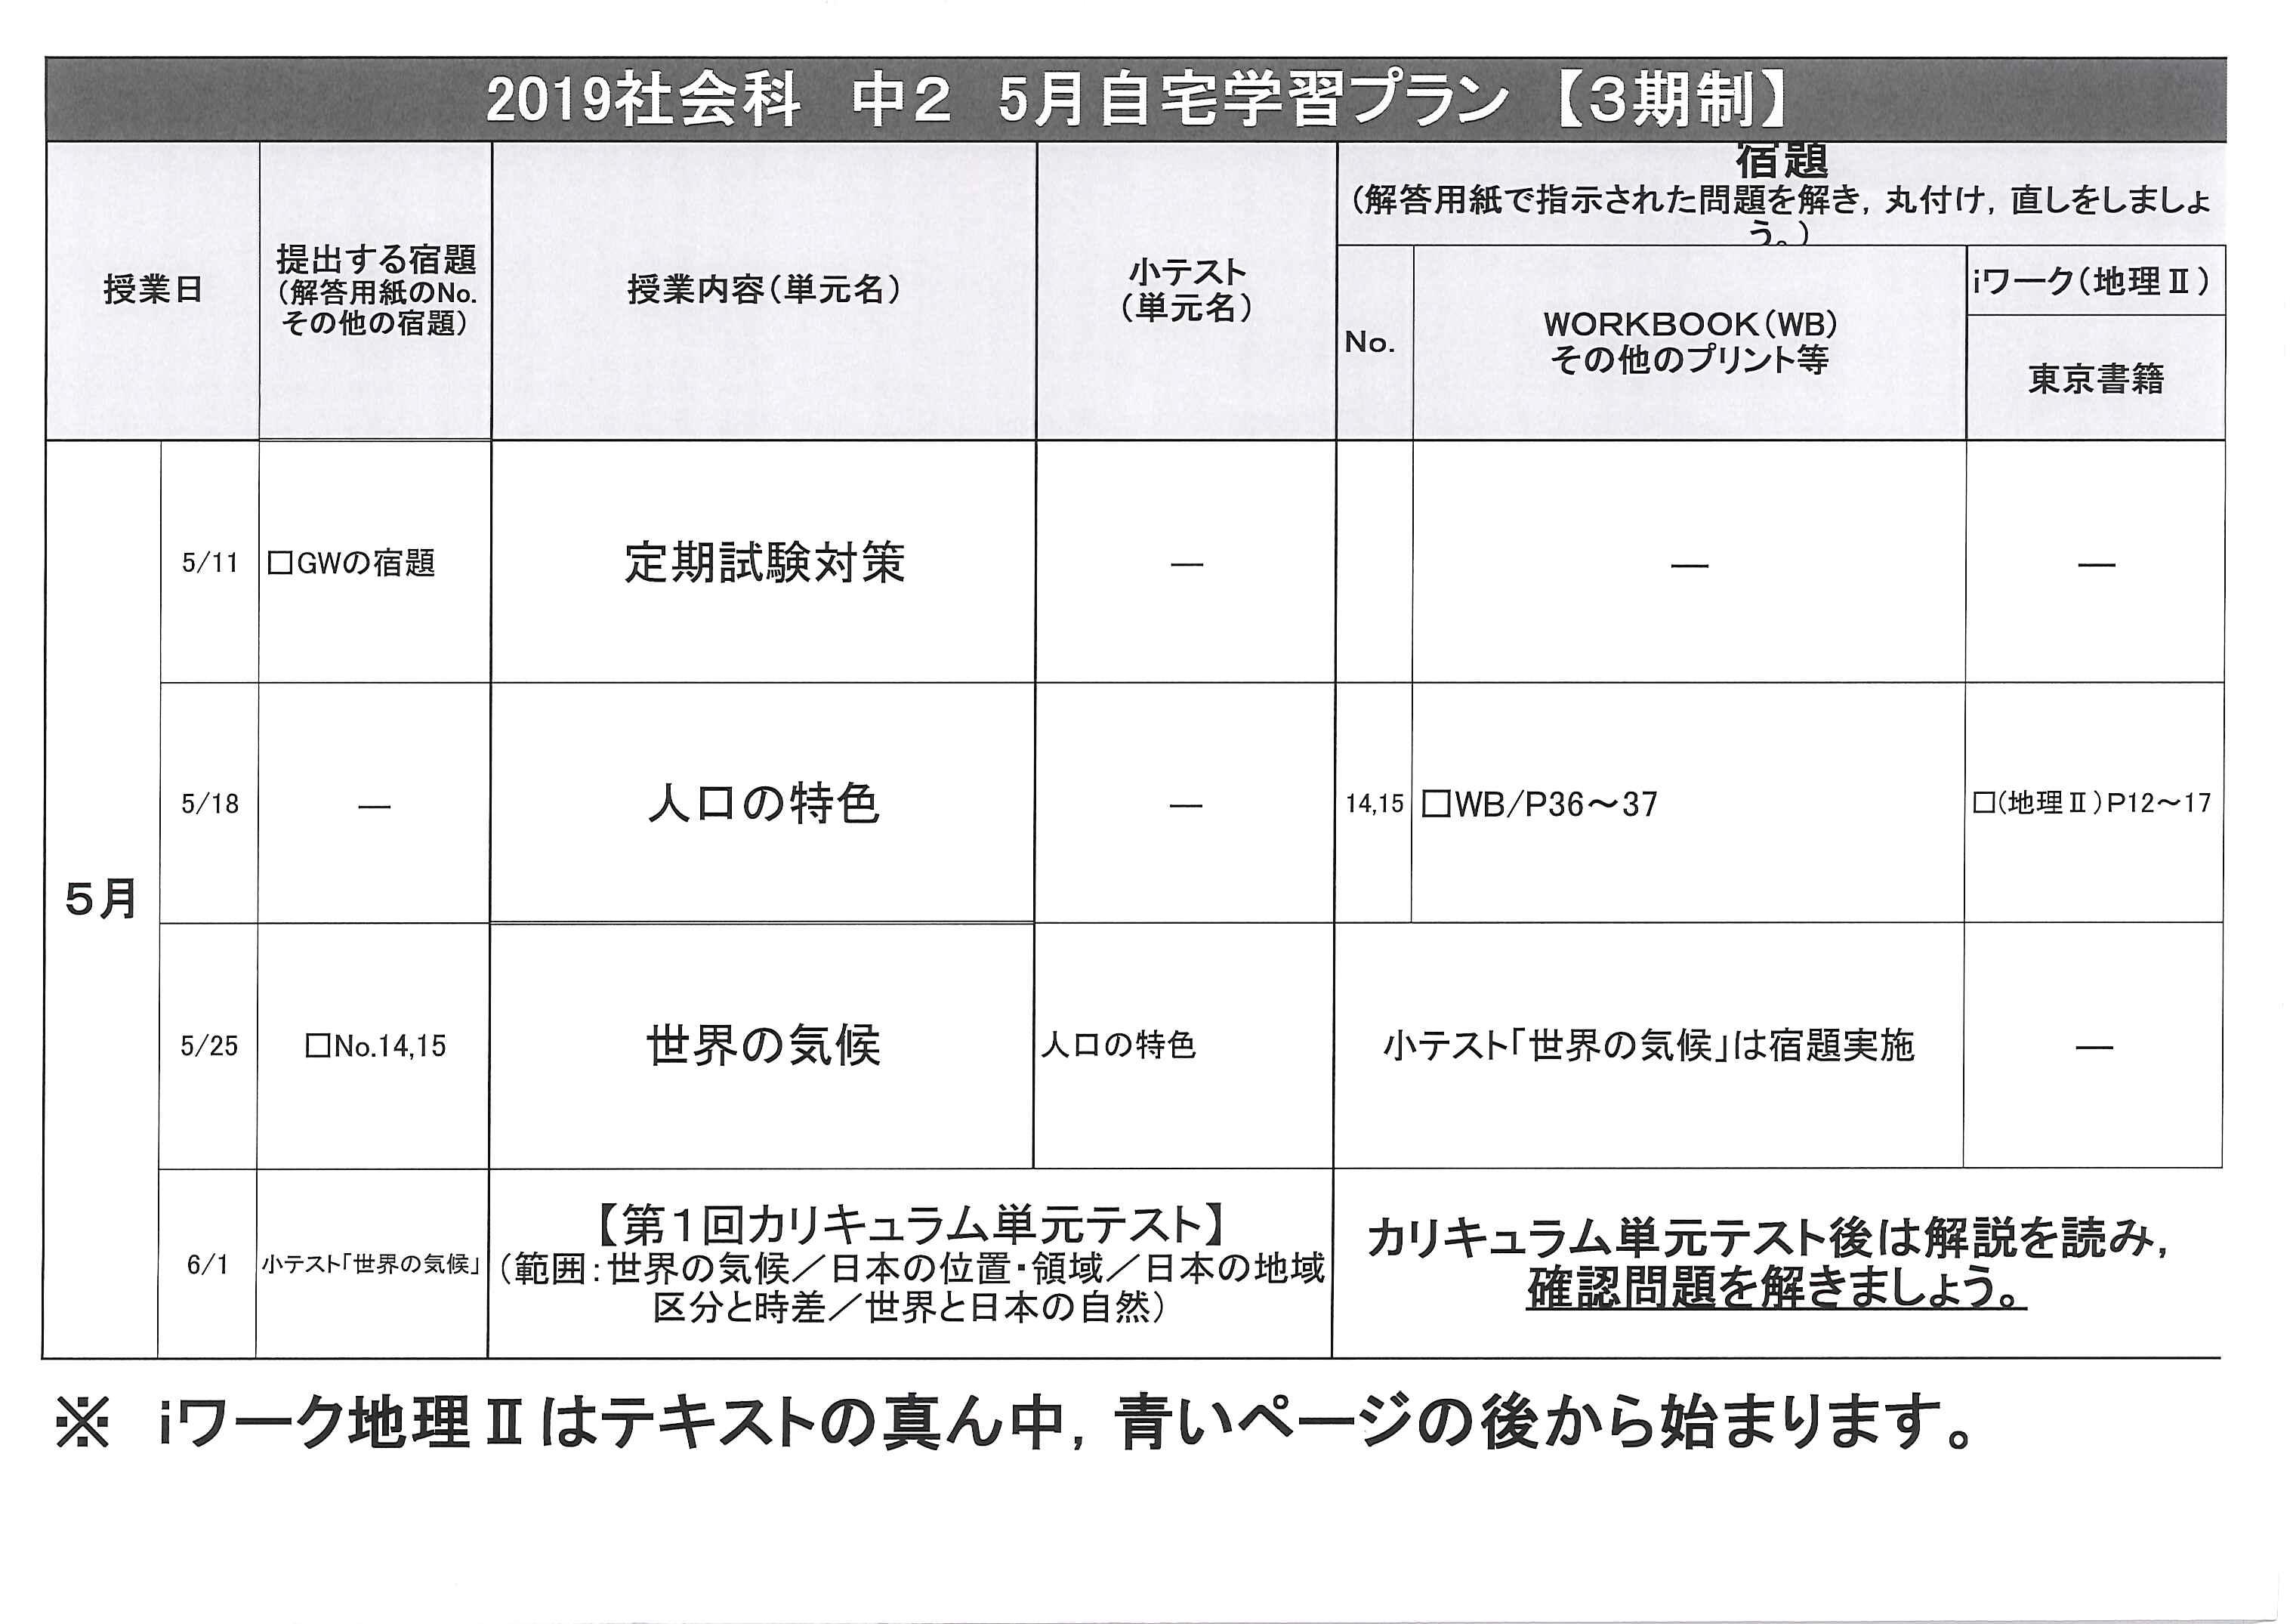 2019年5月中学生宿題小テスト表【HP用⑧】.png